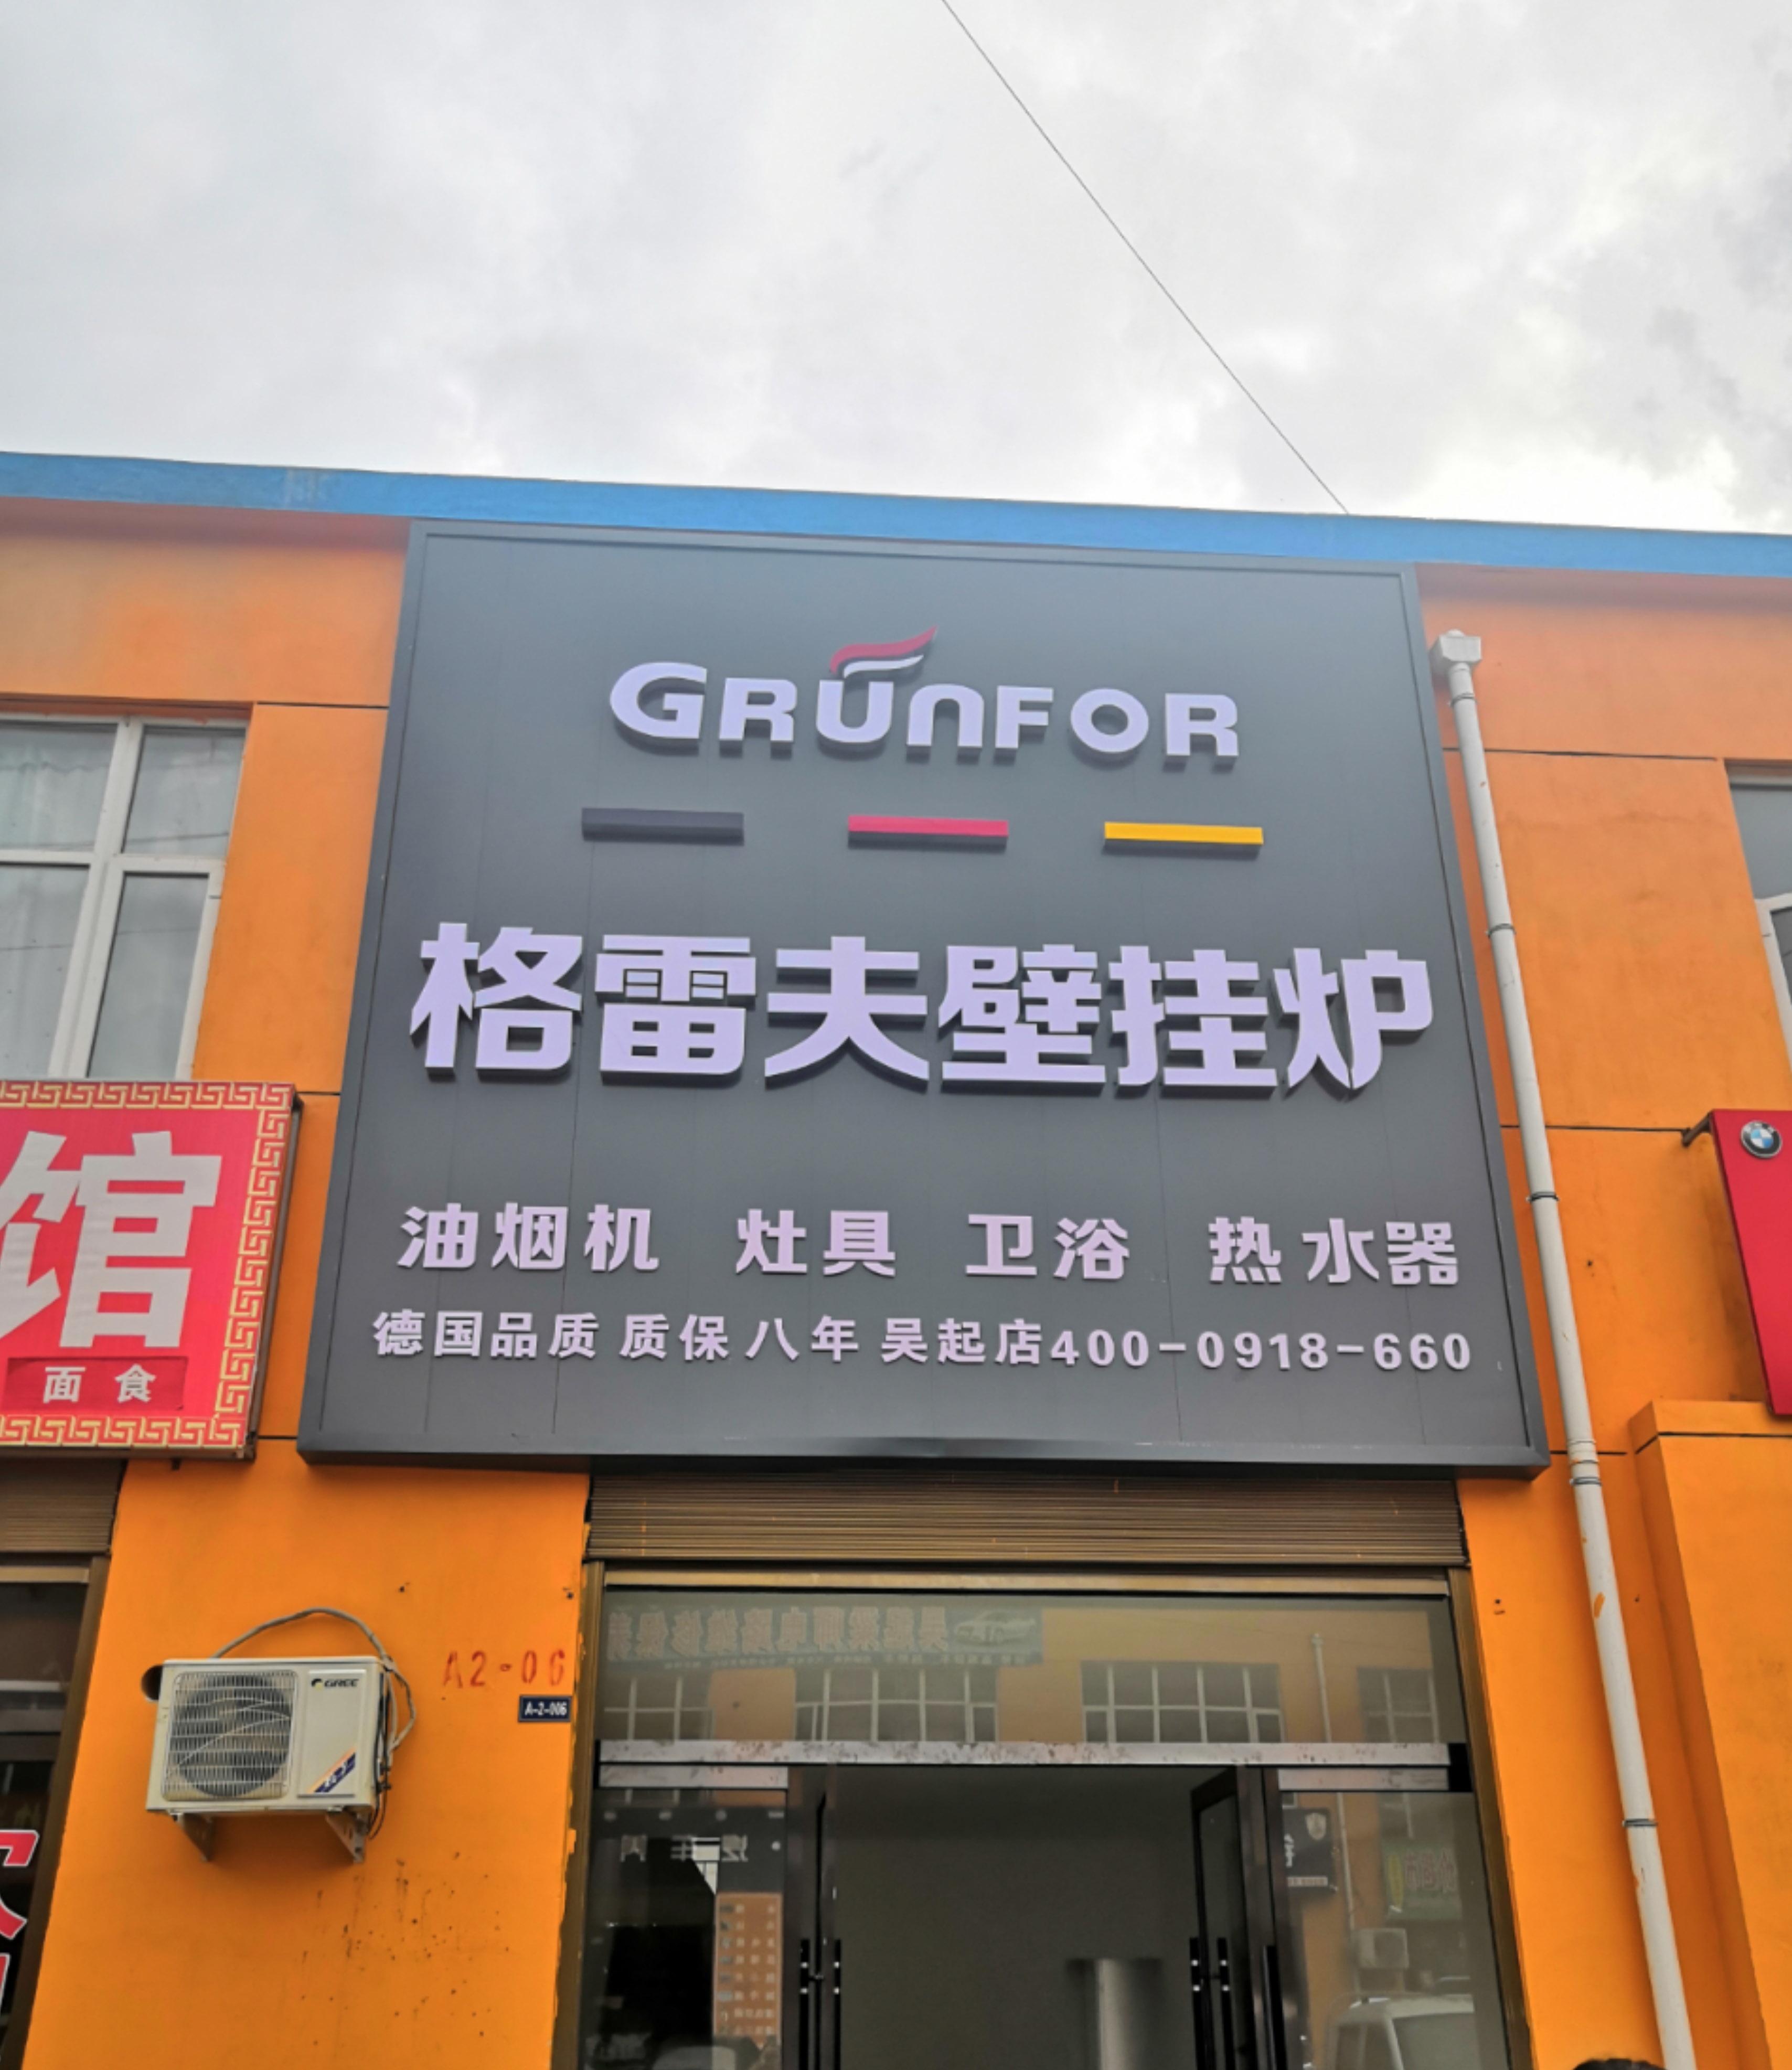 格雷夫店8